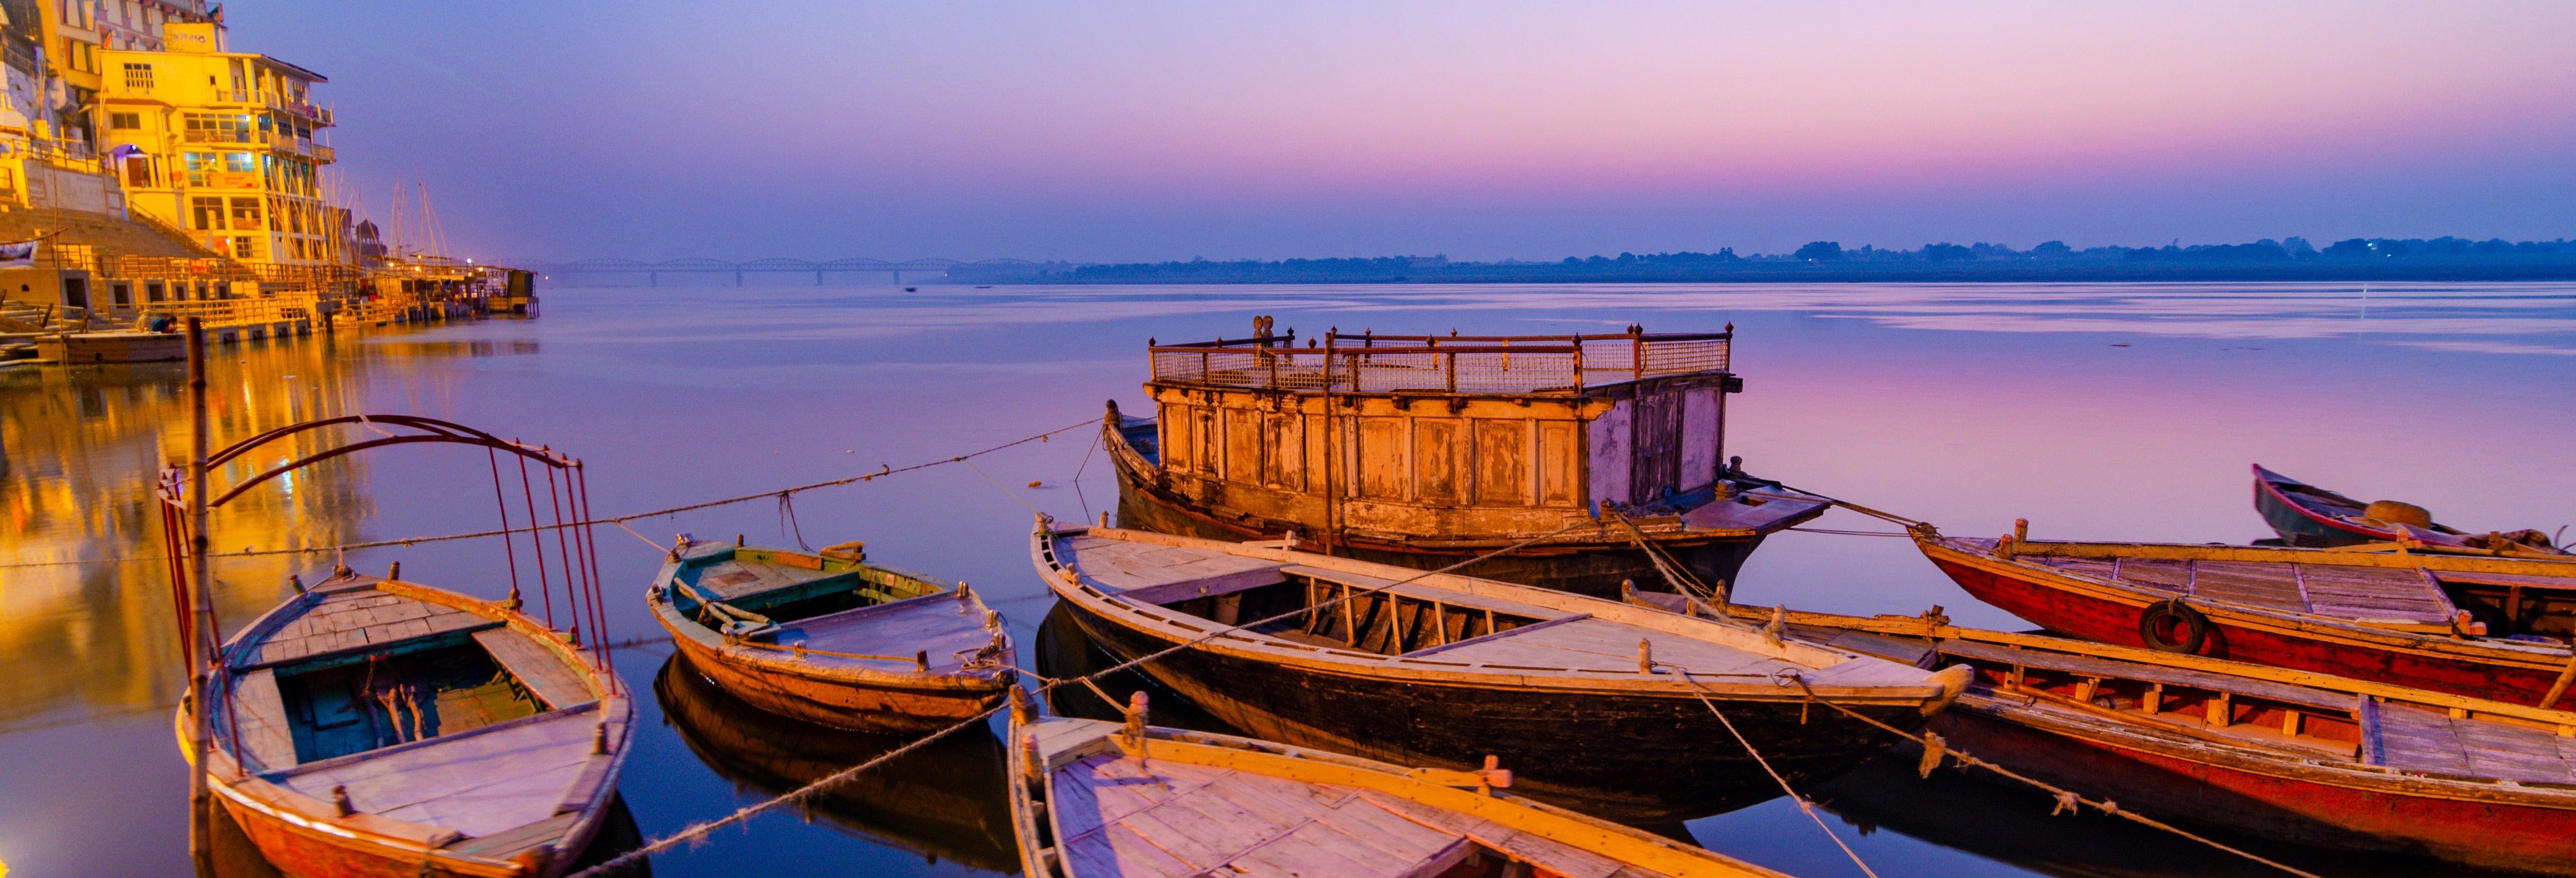 Tour fotográfico por Varanasi